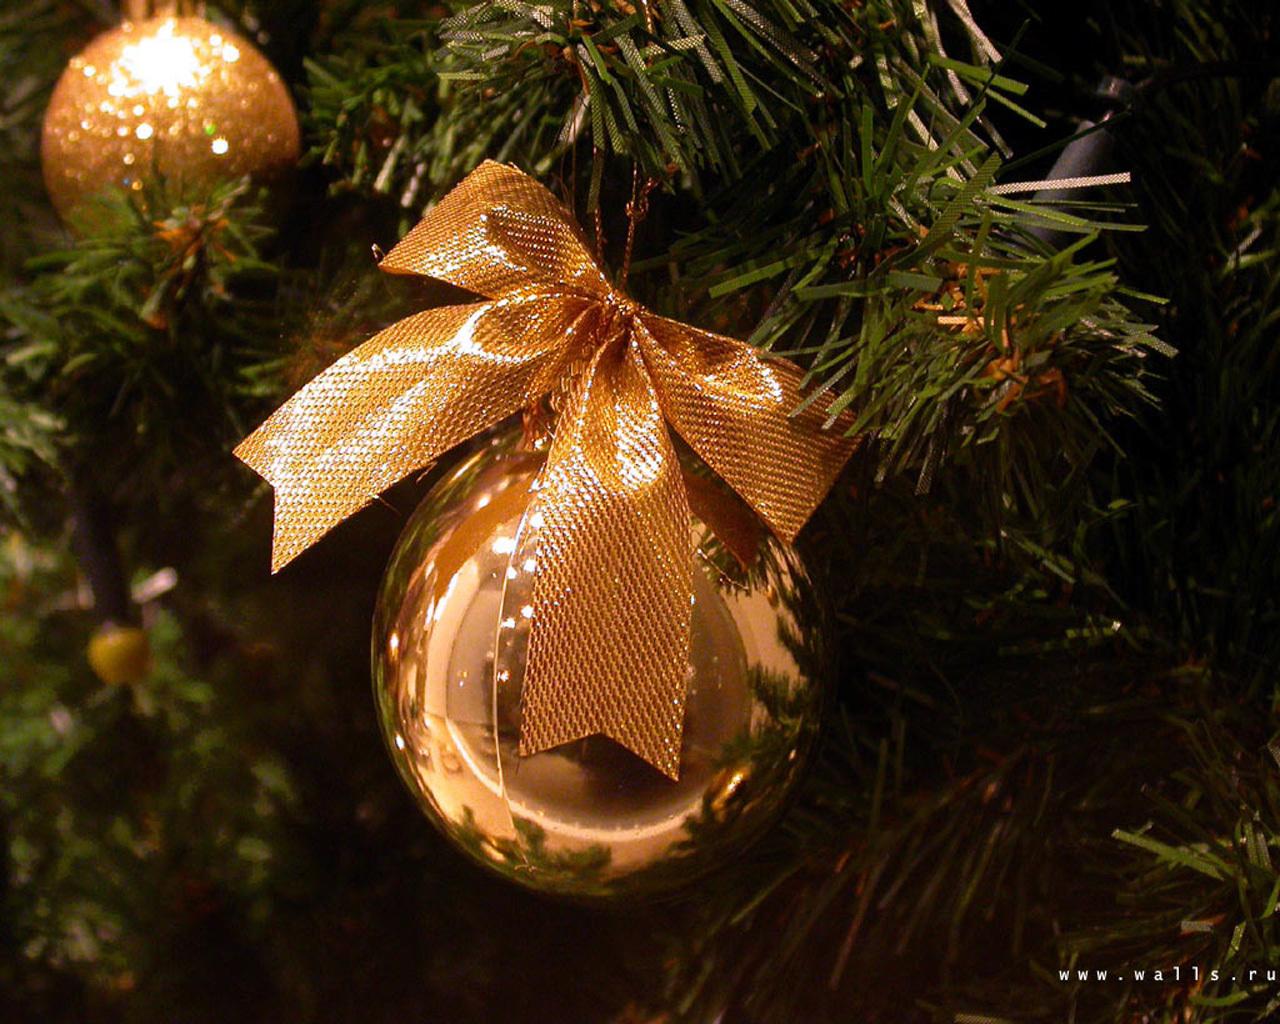 13438 скачать обои Праздники, Новый Год (New Year), Игрушки, Рождество (Christmas, Xmas) - заставки и картинки бесплатно